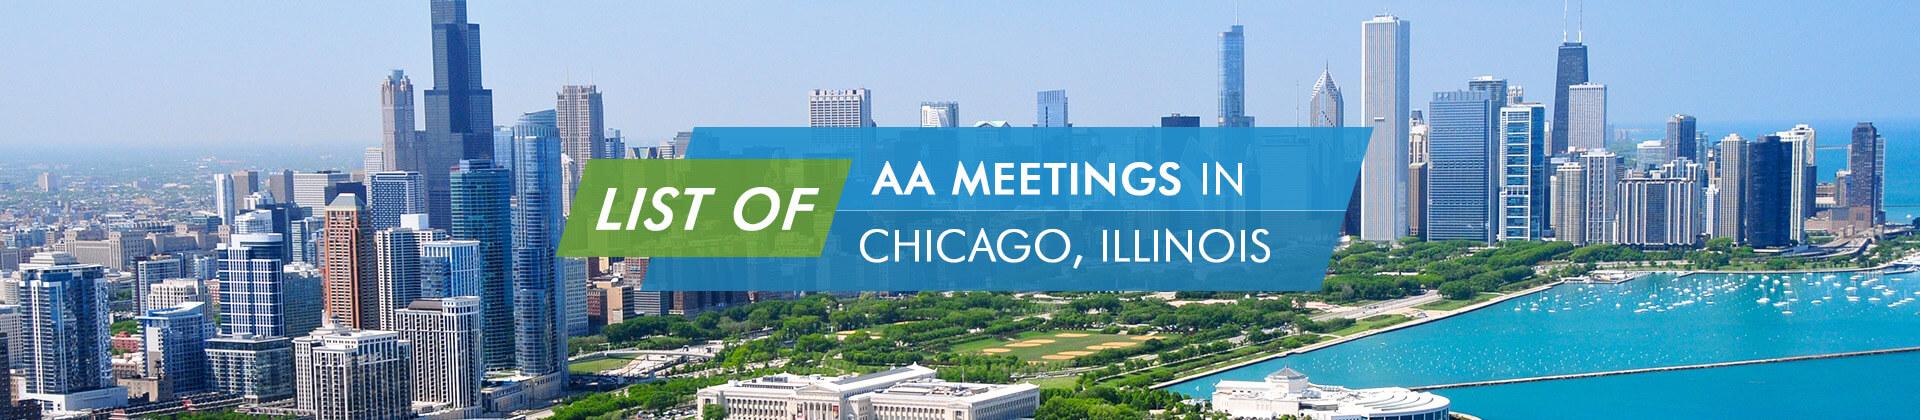 AA Meetings Chicago, Illinois